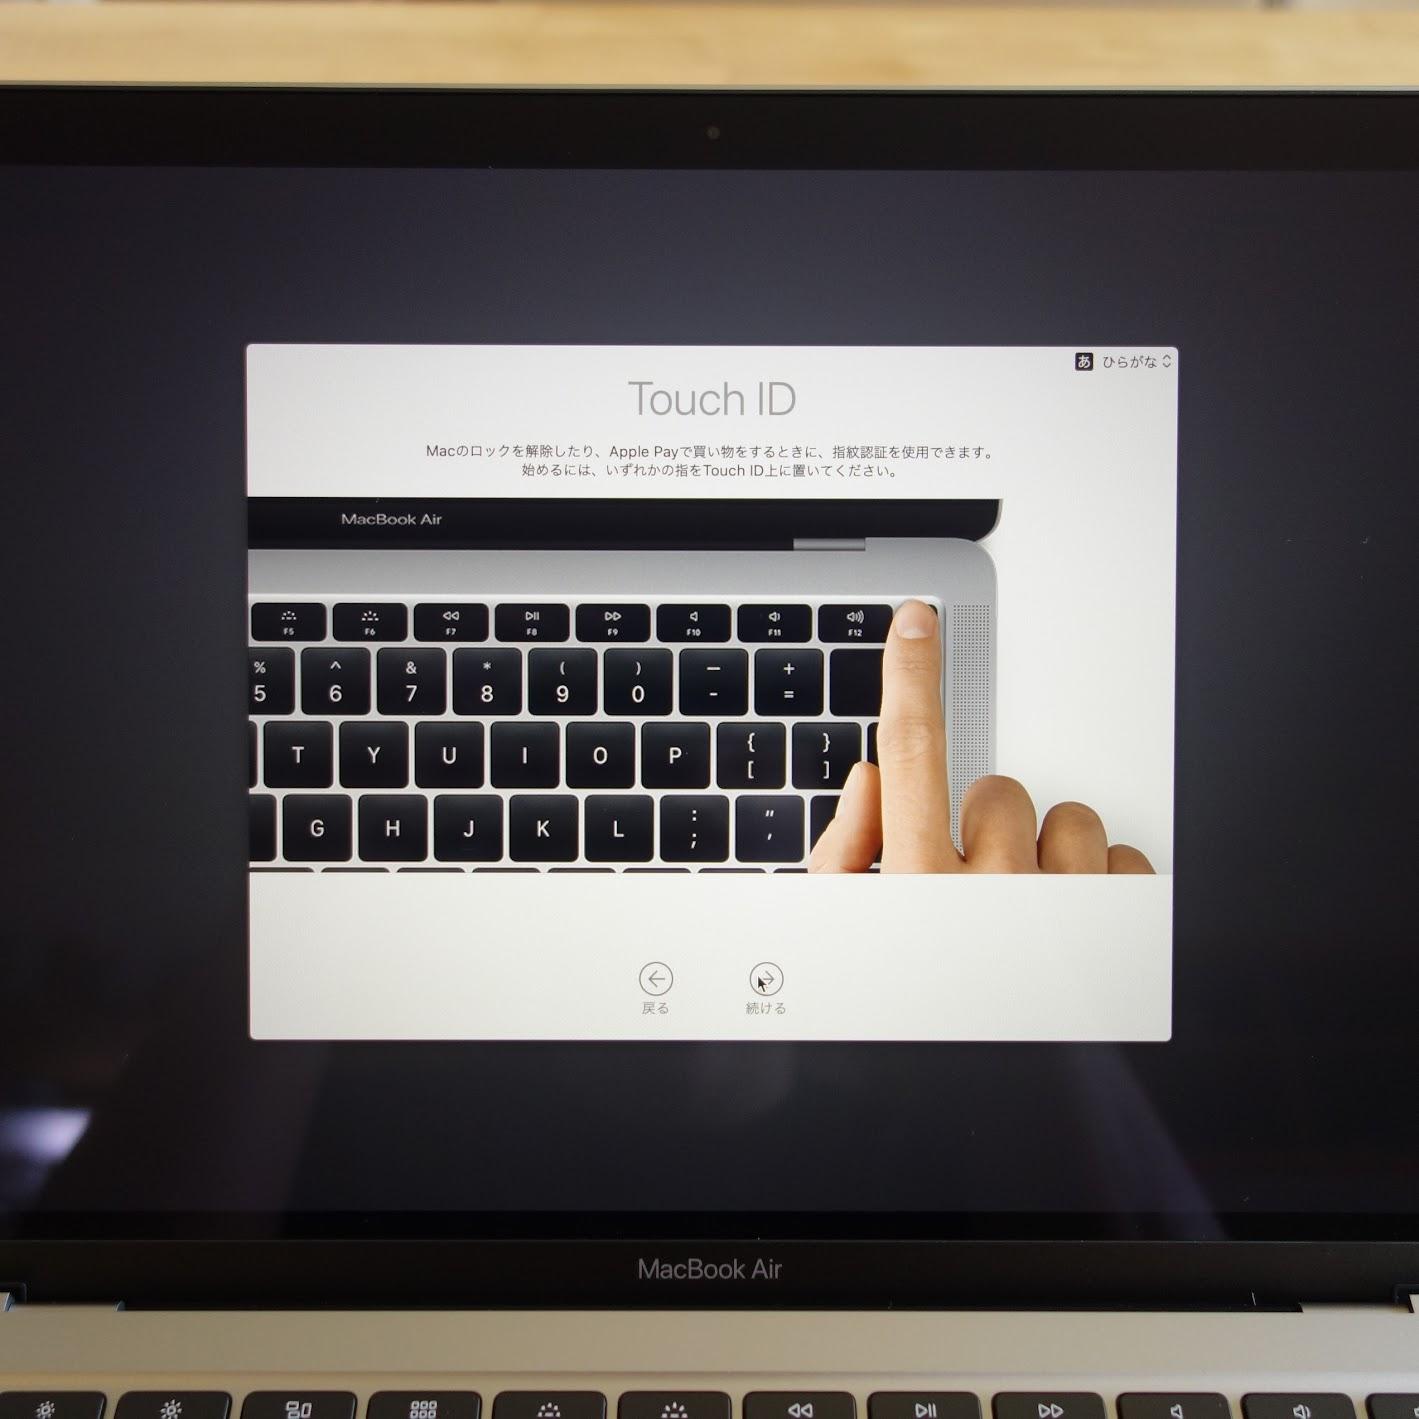 MacBook Air TouchID